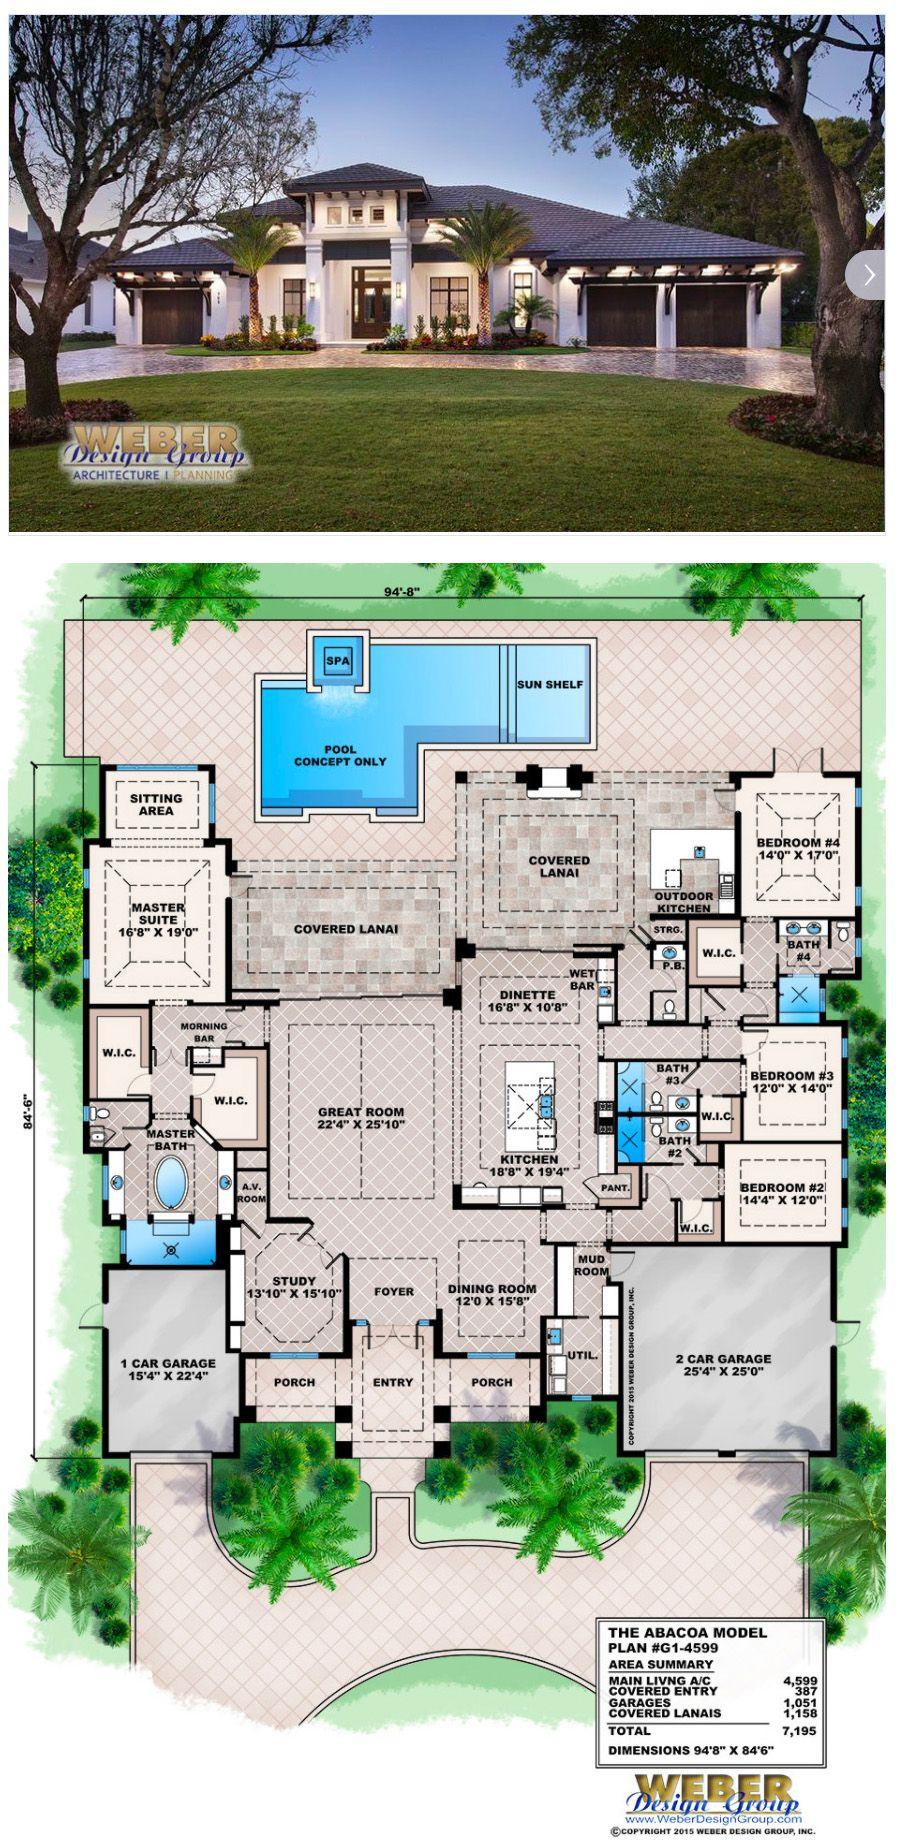 Abacoa House Plan